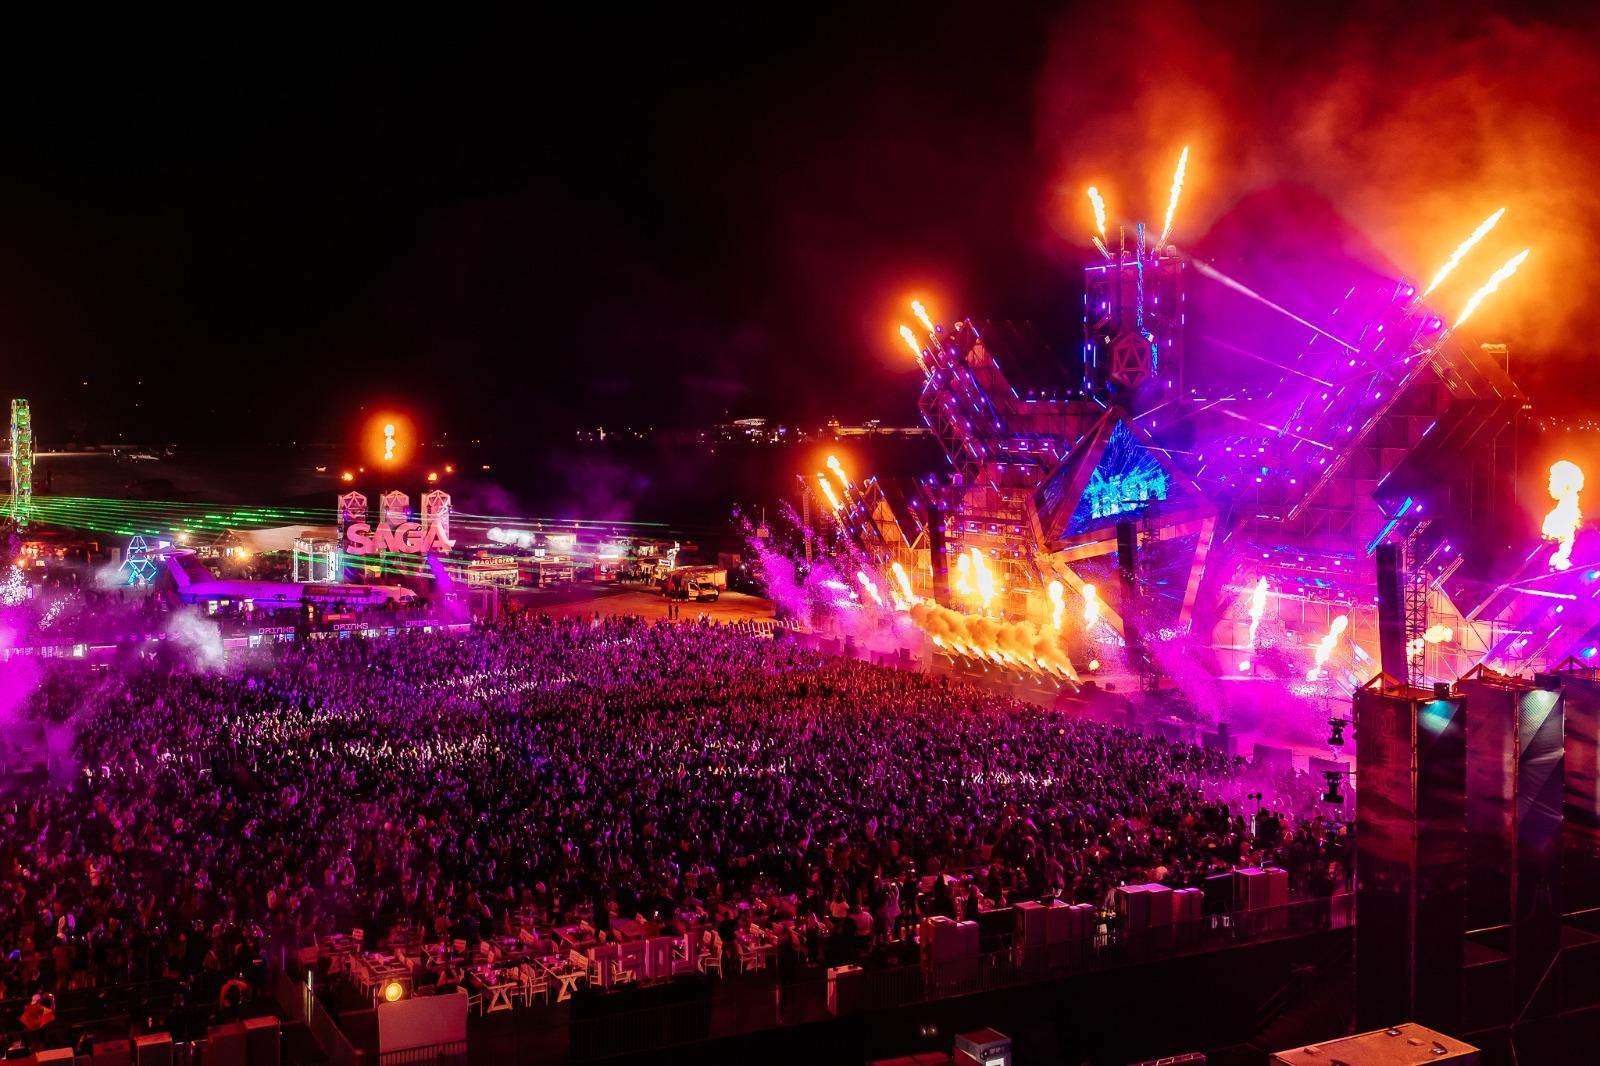 Peste 45.000 de oameni, din peste 30 de țări, au participat la SAGA Festival. Când va avea loc a doua ediție